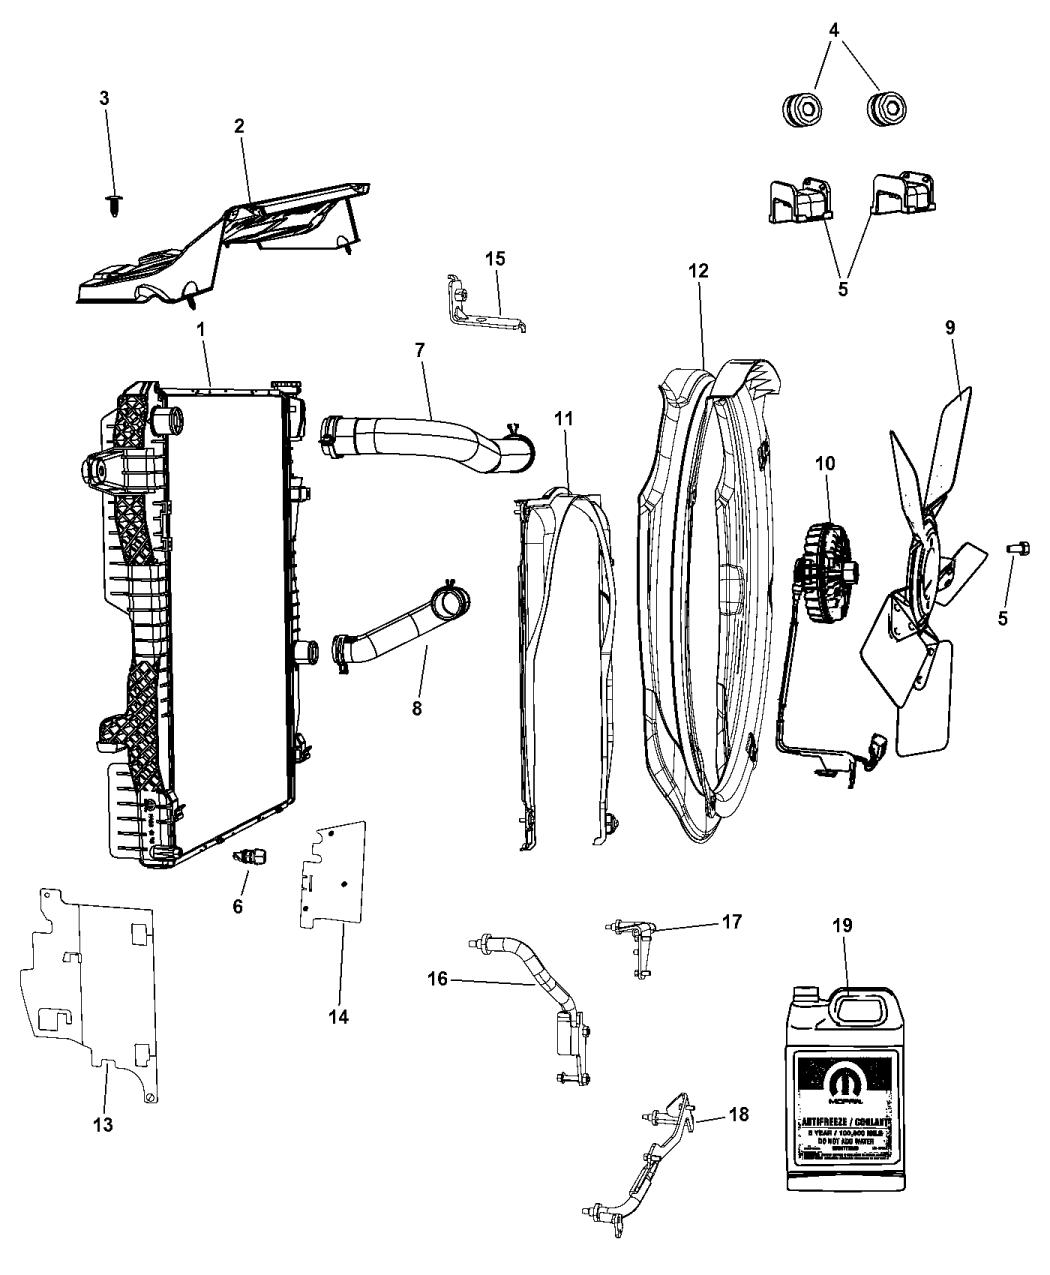 55371021AA - Genuine Mopar SEAL-RADIATOR UPPER